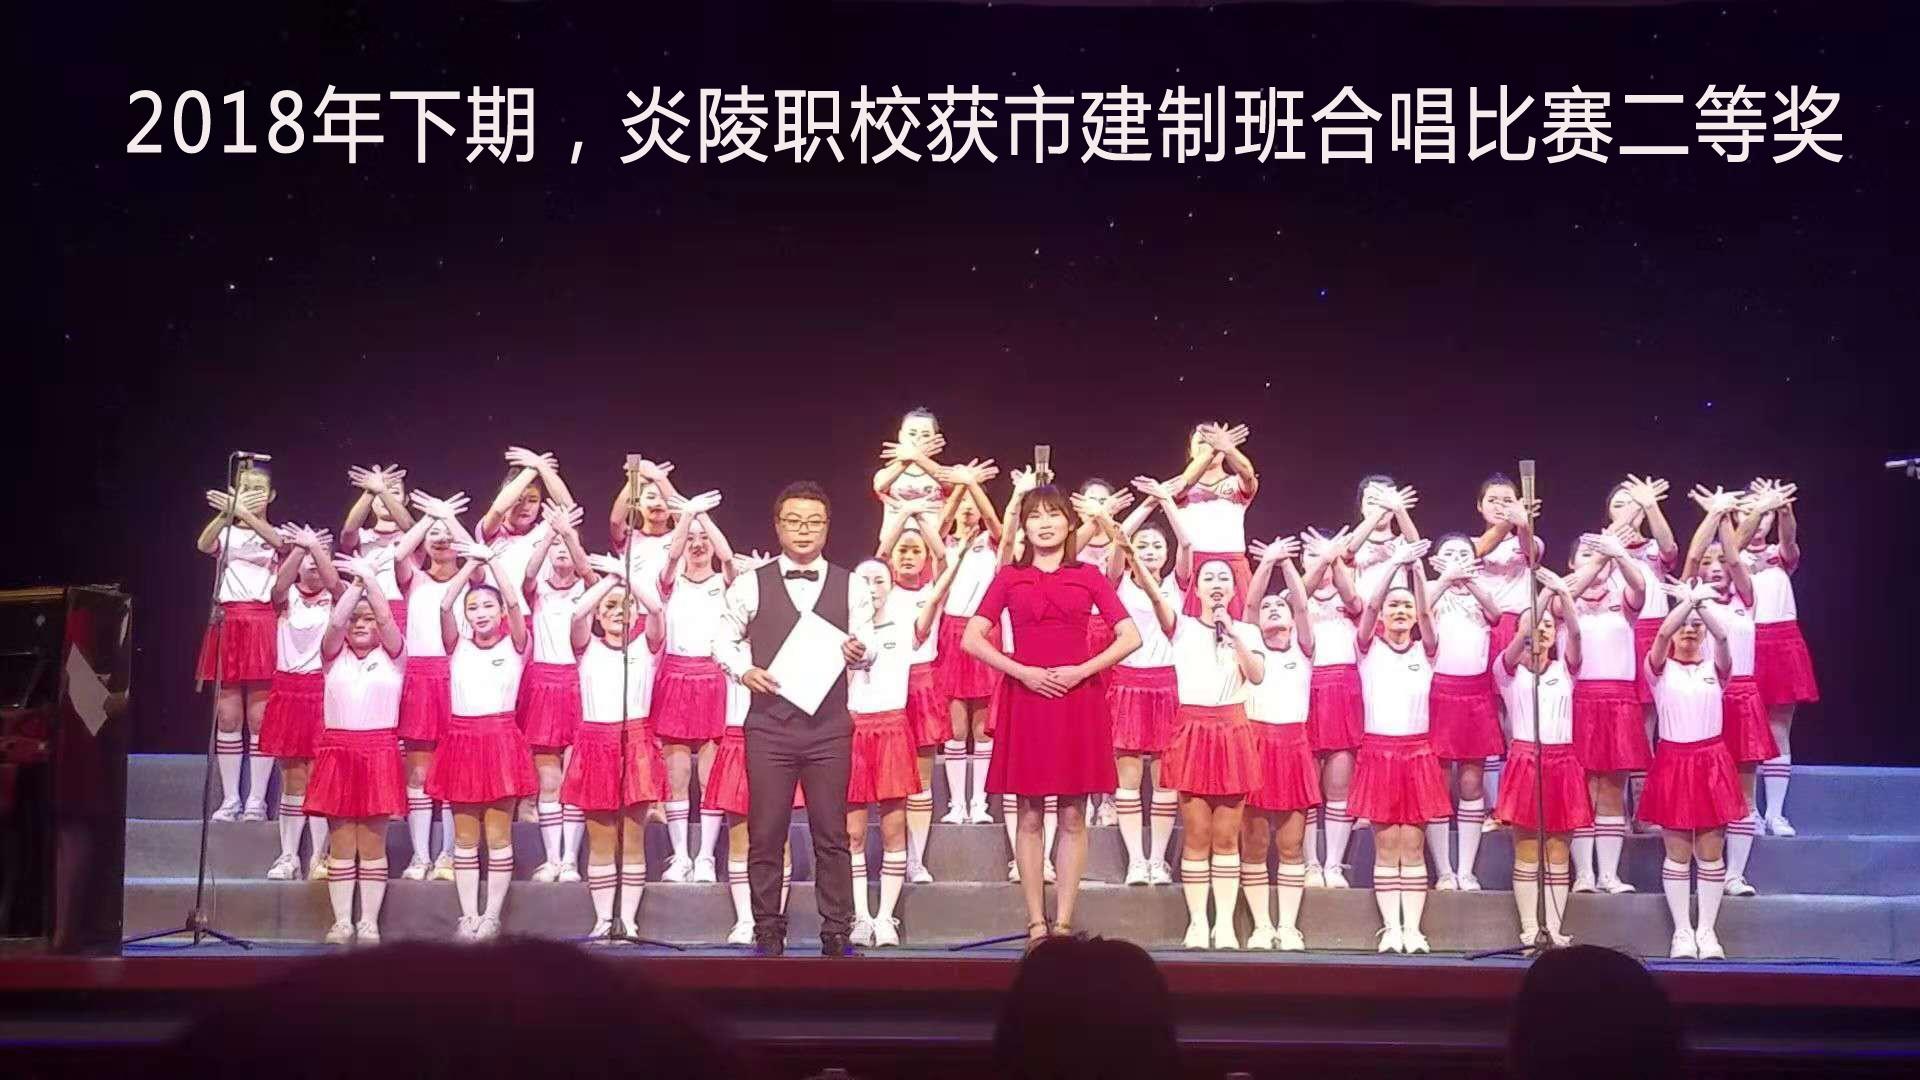 炎陵县职业技术学校学校校园环境图片6